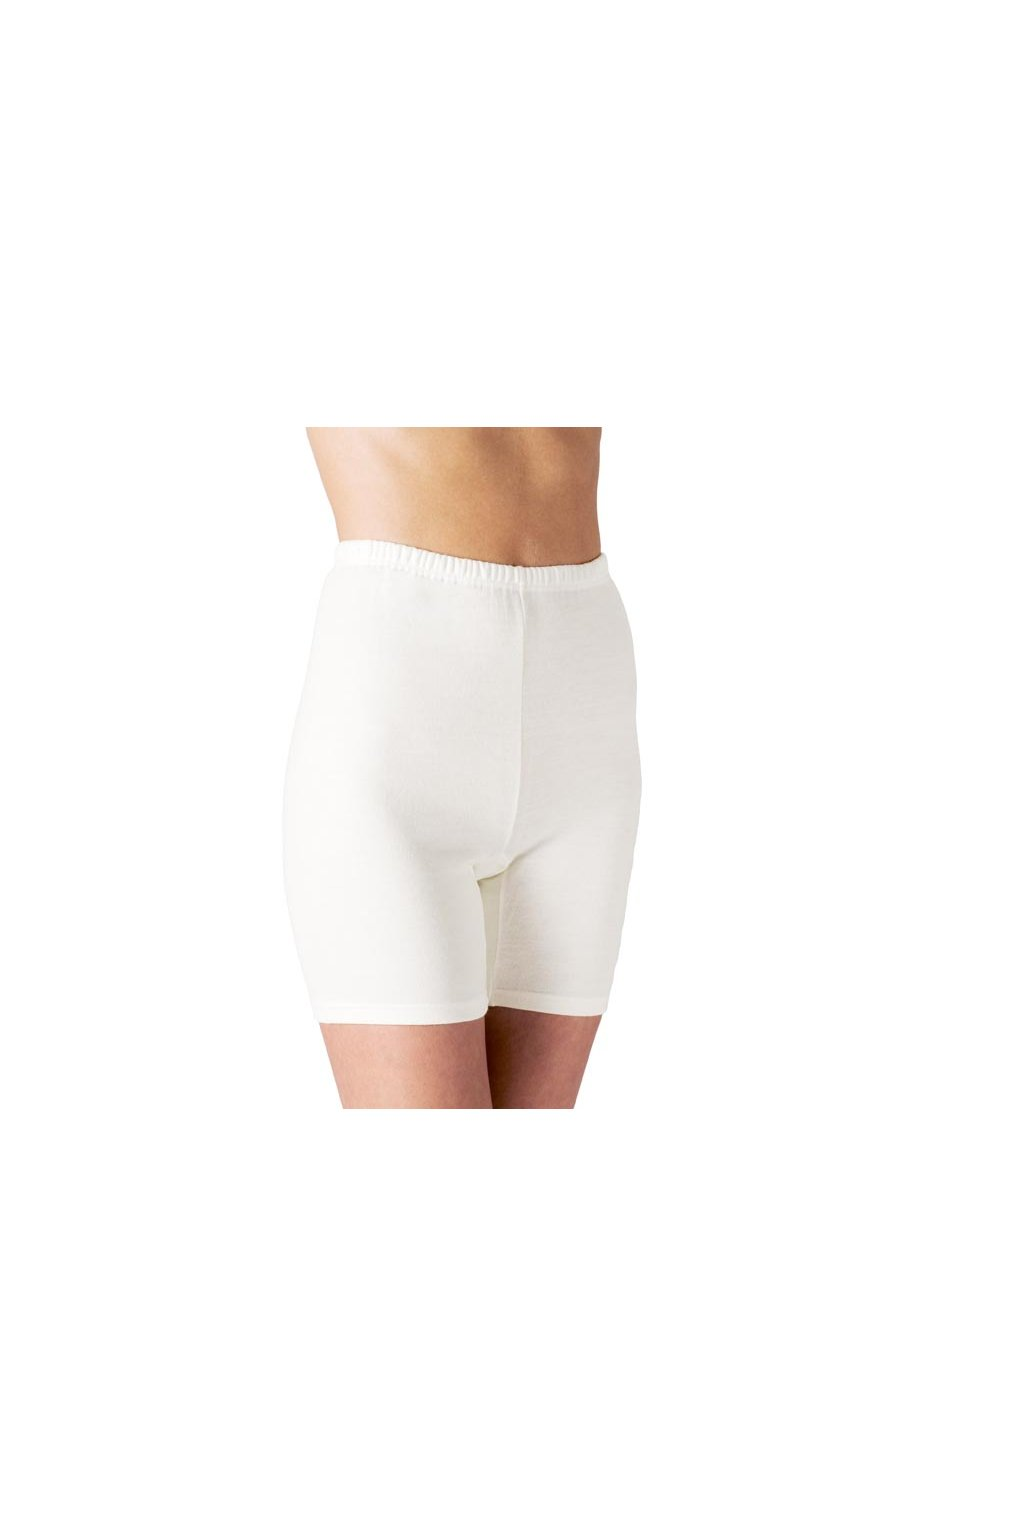 Nohavičkové kalhotky, 10086 243, perlová